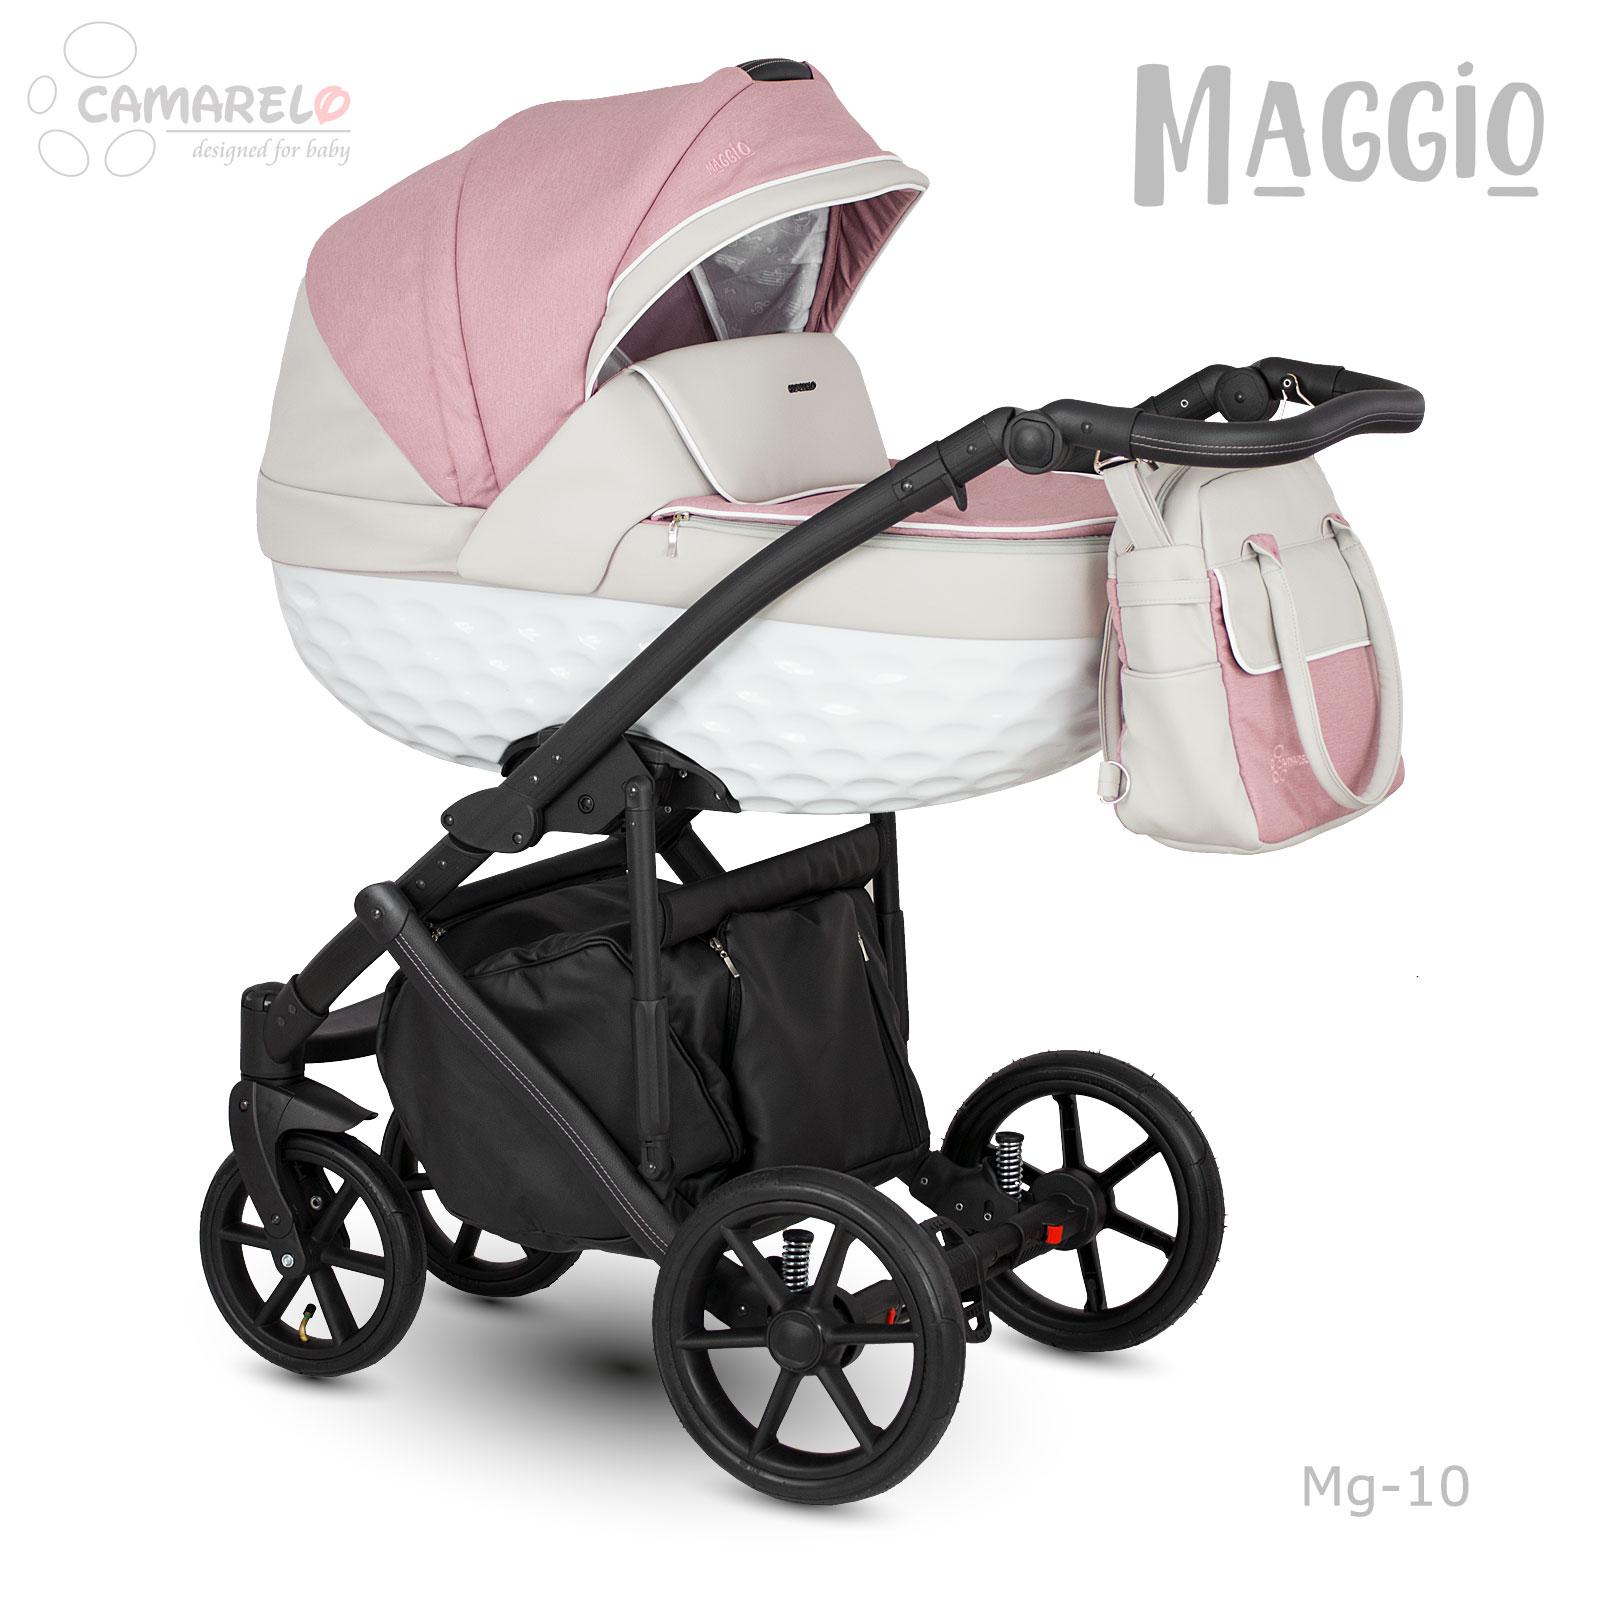 Maggio-Mg-10a